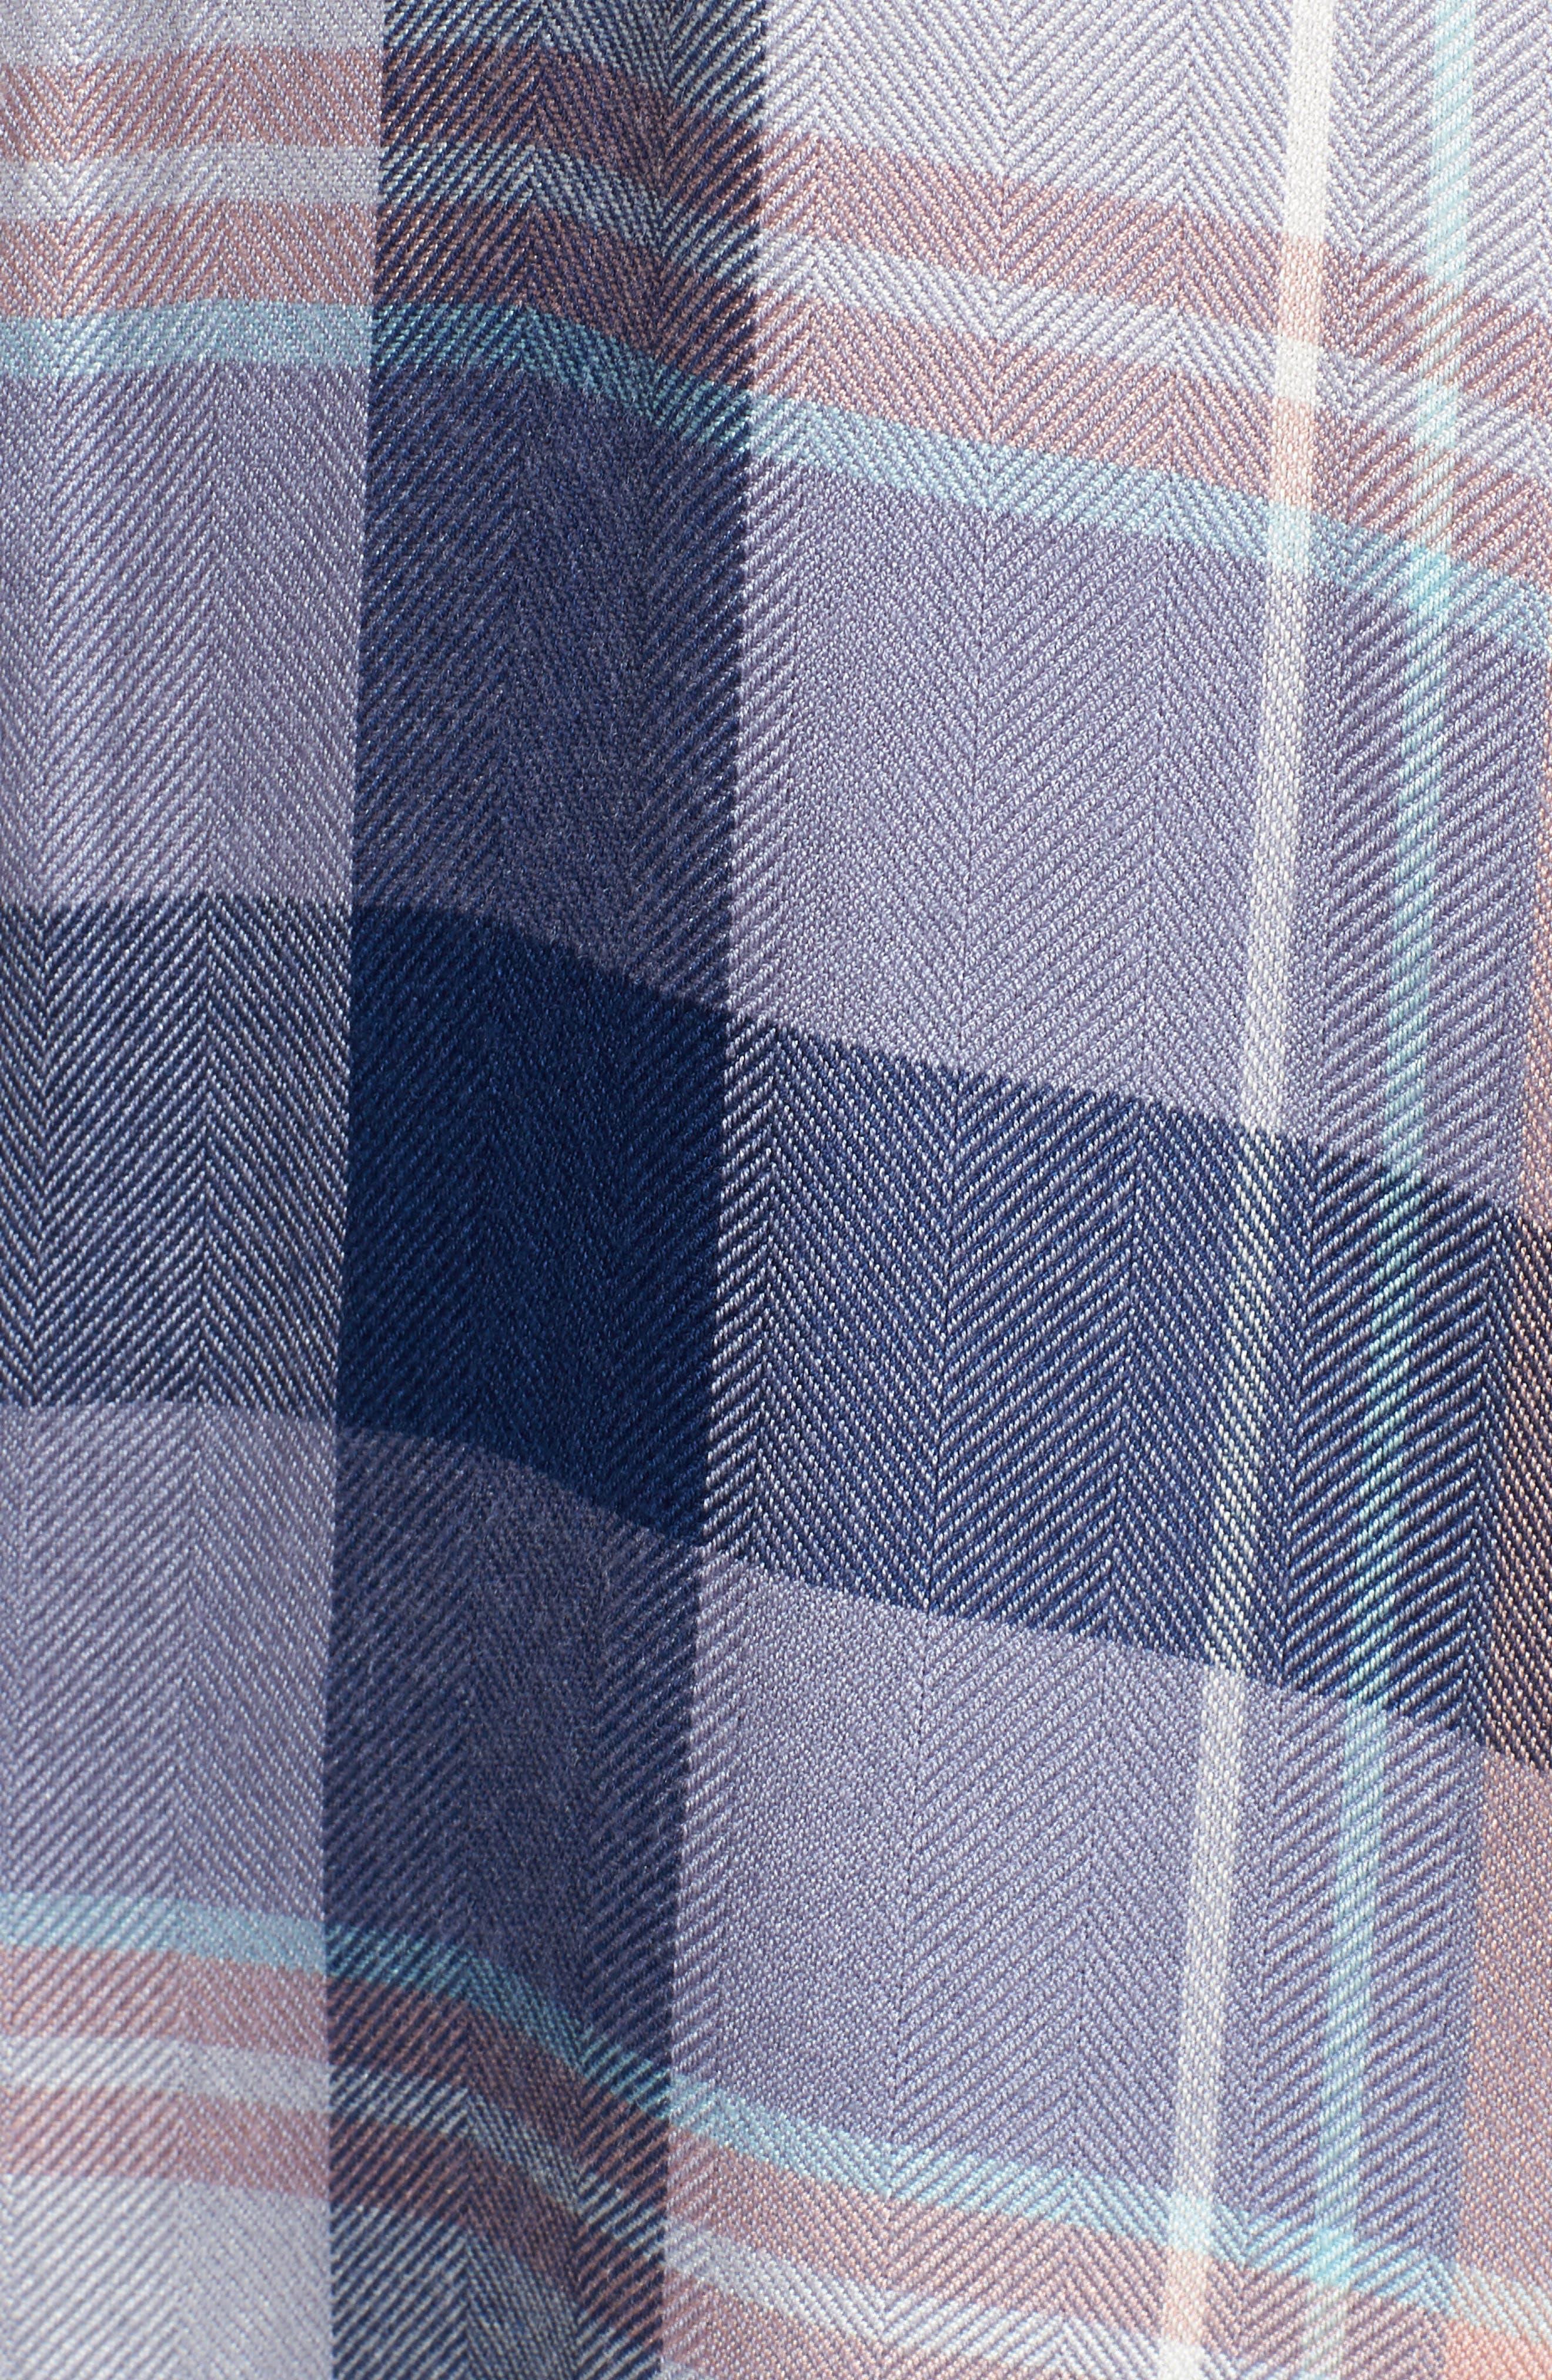 Hunter Plaid Shirt,                             Alternate thumbnail 606, color,